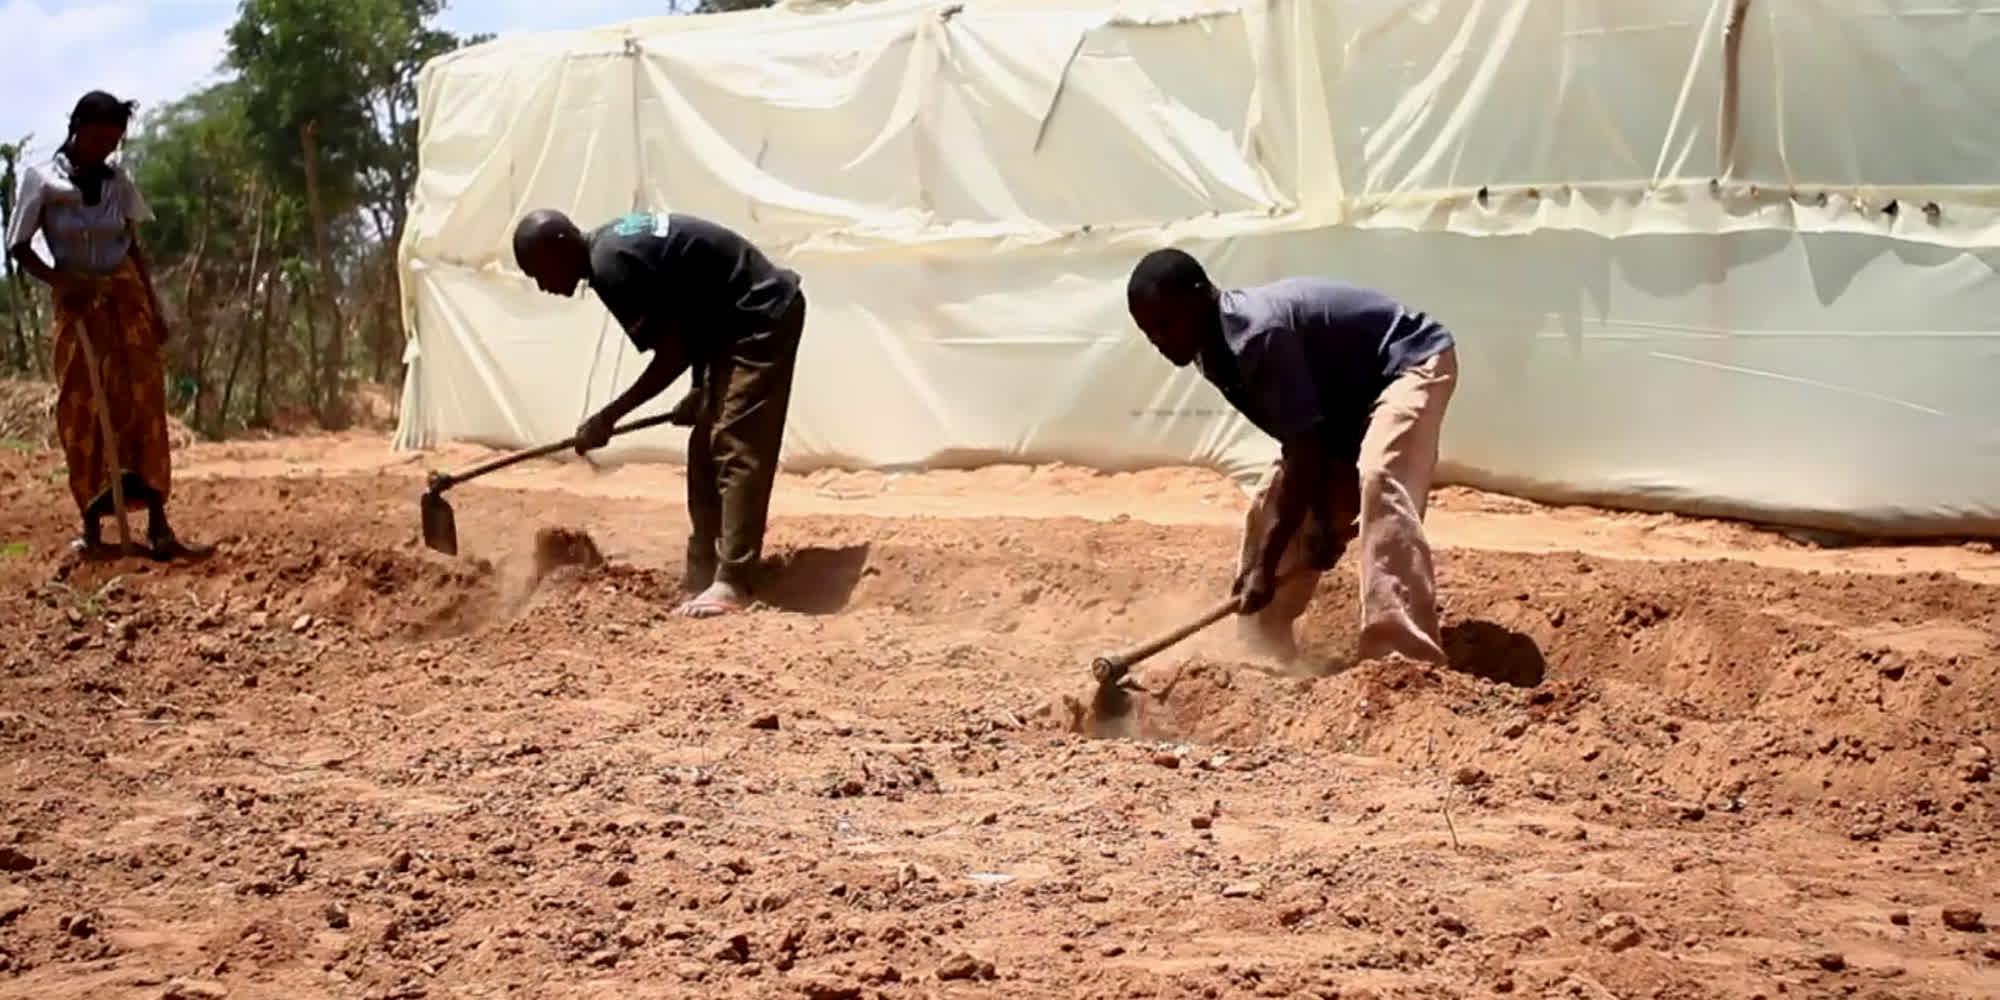 To menn jobber med å hakke i tørr og støvete jord. Foto.